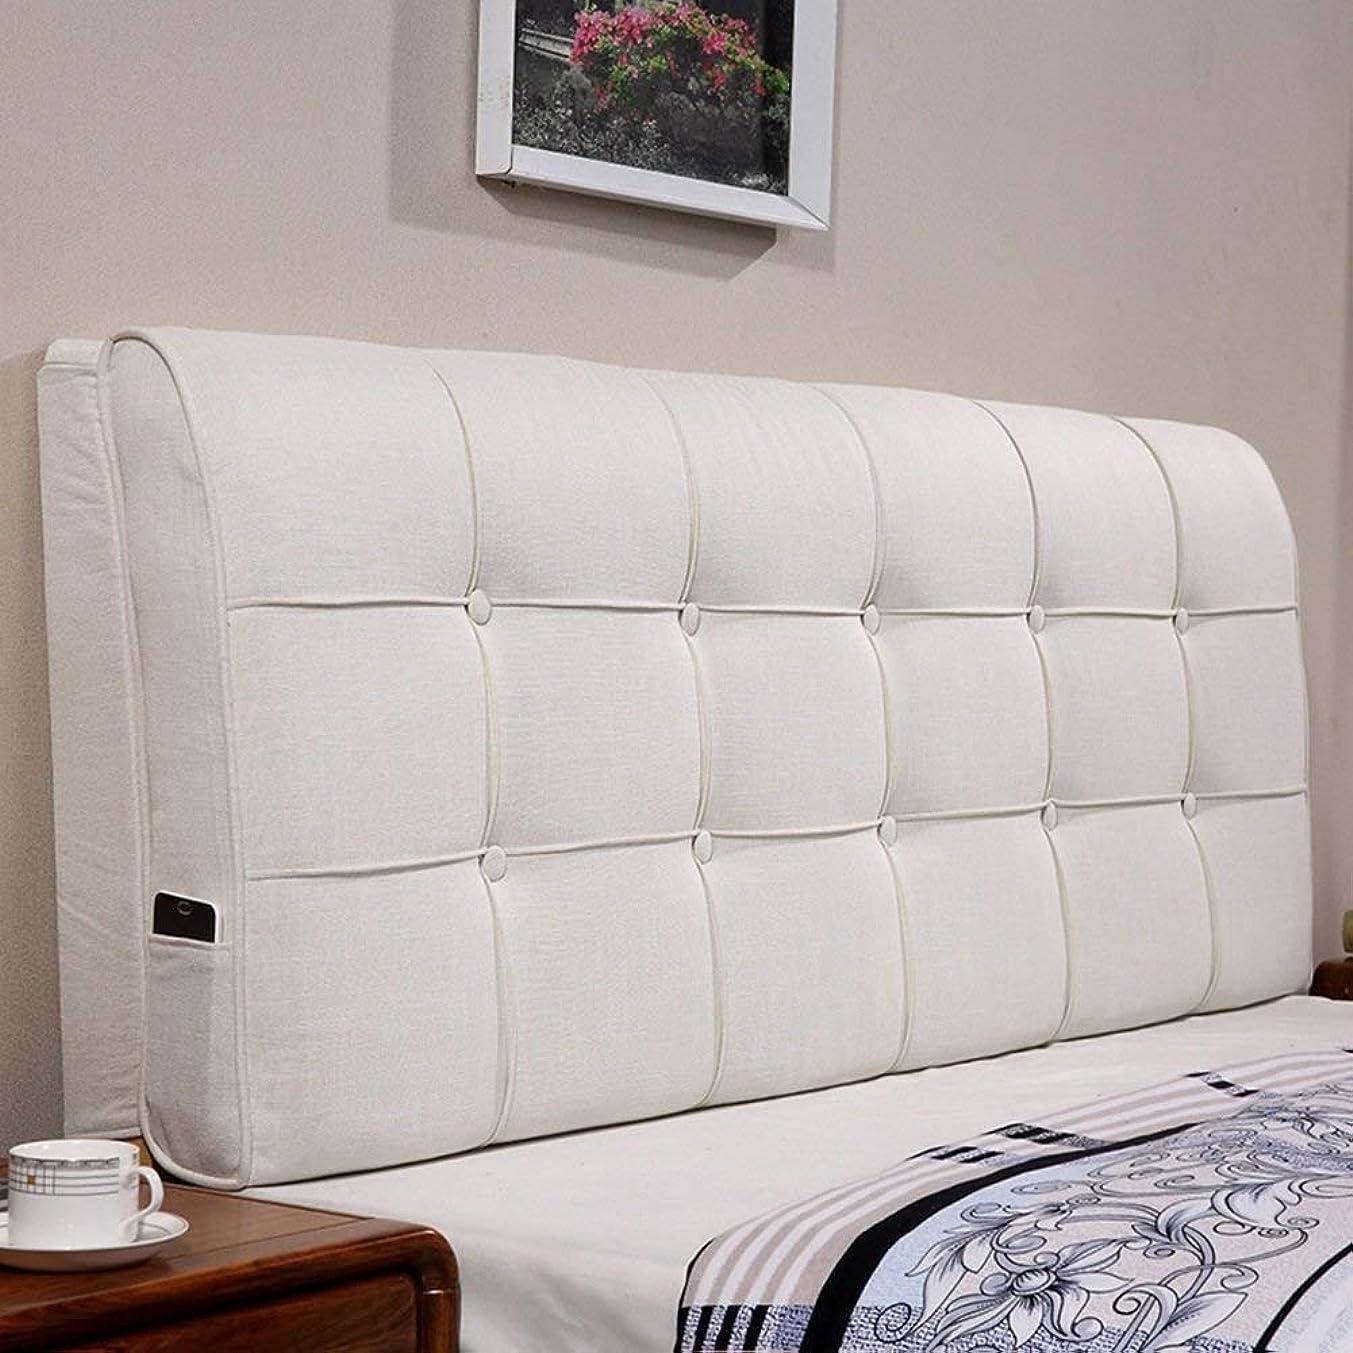 証明するスタウト置くためにパックヘッドボード背もたれ ヘッドボードクッションベッドサイドポジショニングサポートウェッジピローソフトパックピローダブルラージバックレストウエストパッドリネン (Color : White, Size : 200x60x12cm)